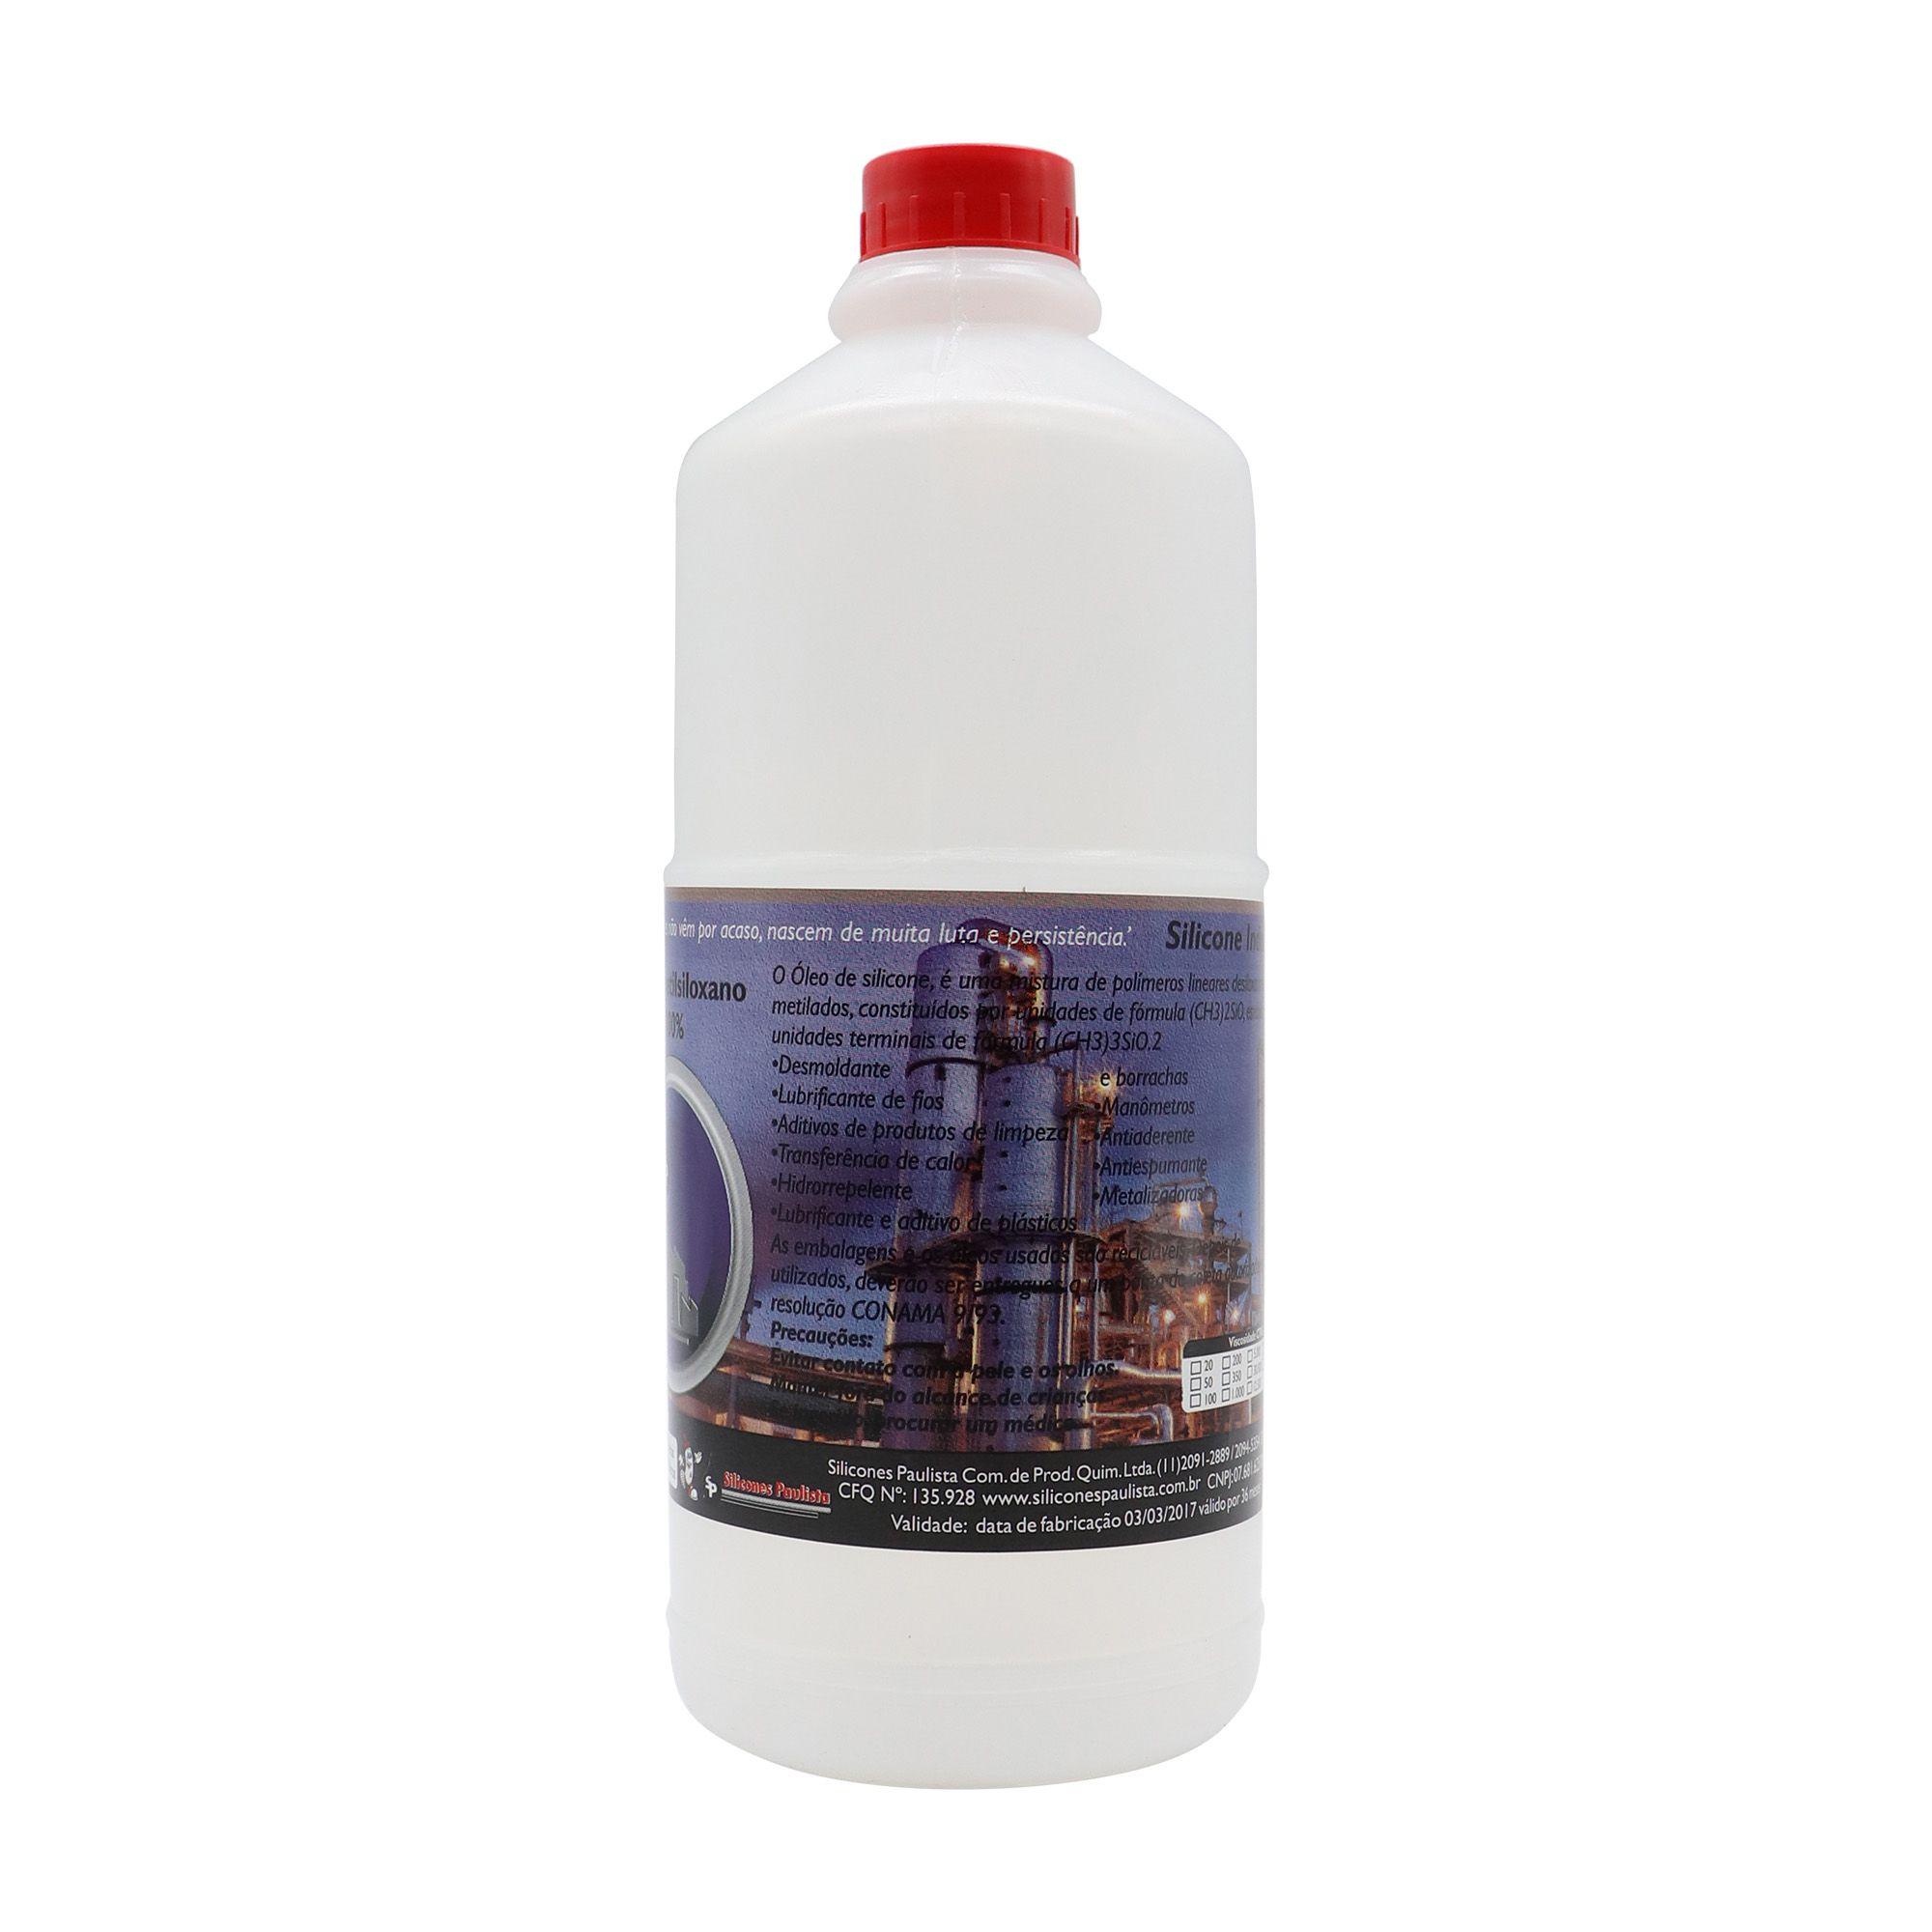 Fluido de Silicone 1L - VISCOSIDADE 200